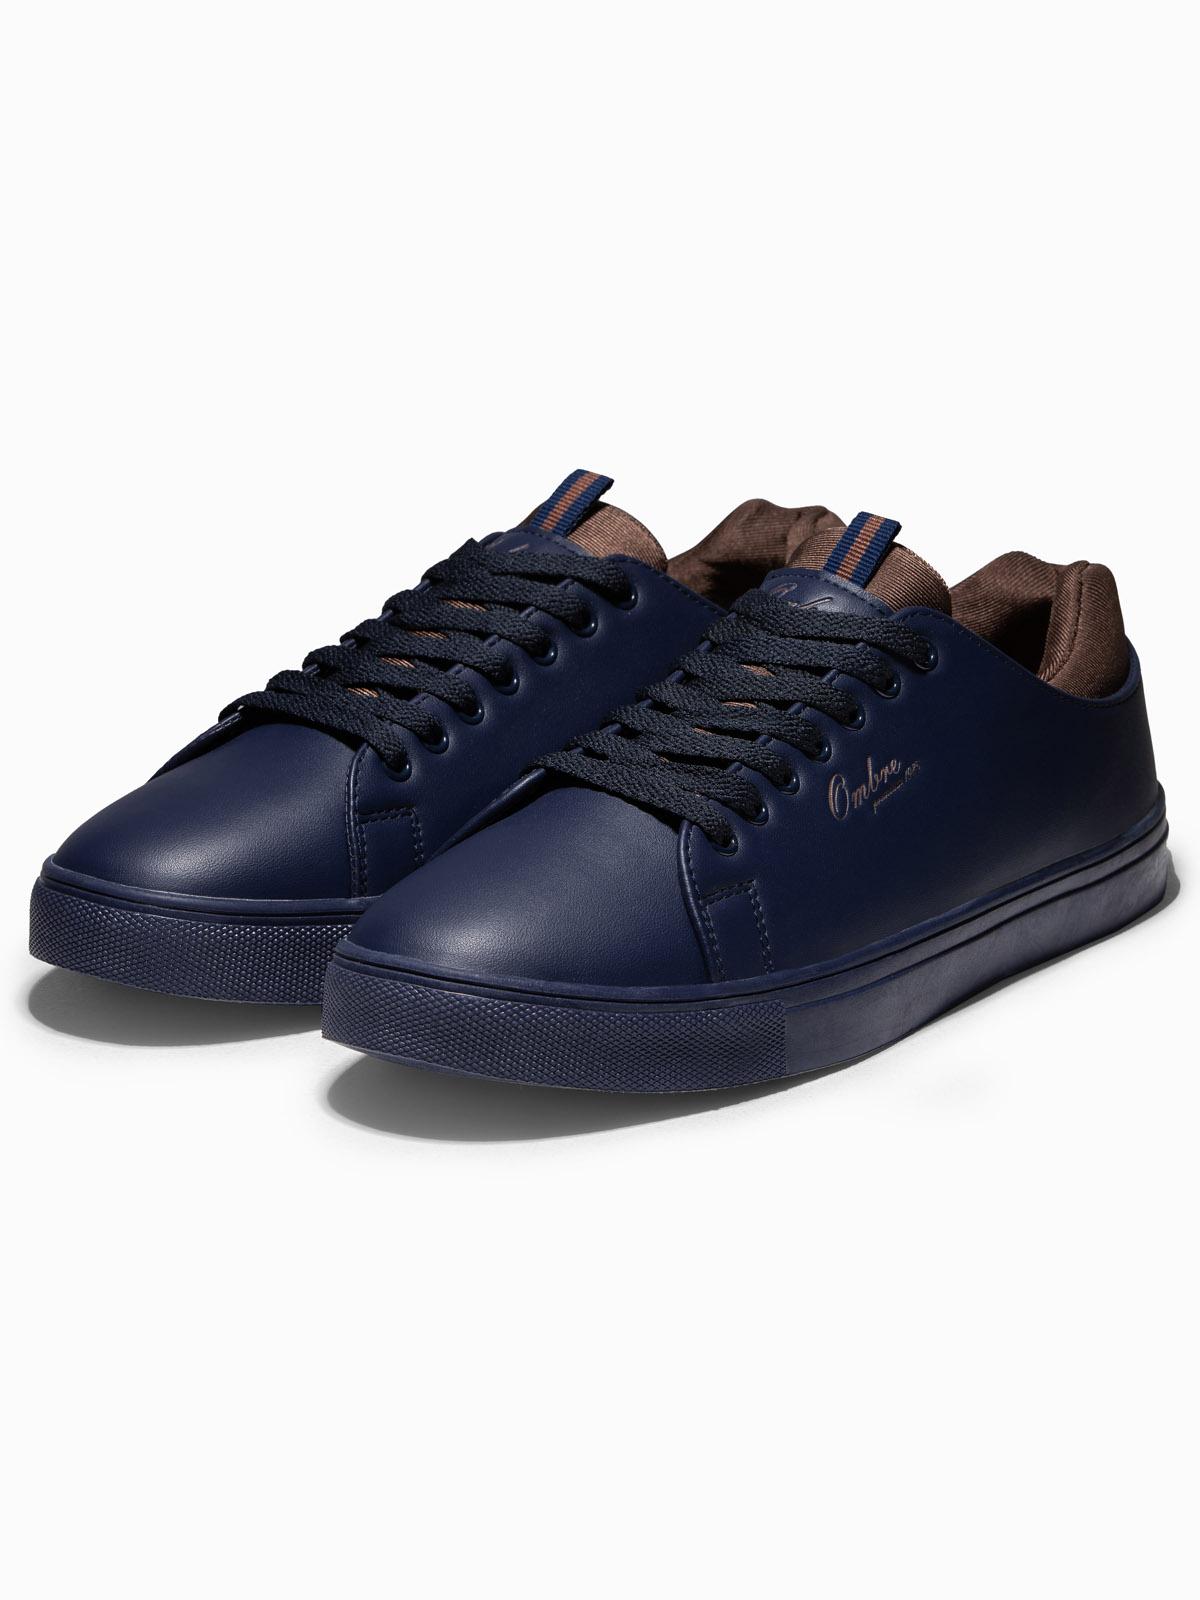 Купить Напівчеревики чоловічі T333 – темно-сині, Ombre Clothing